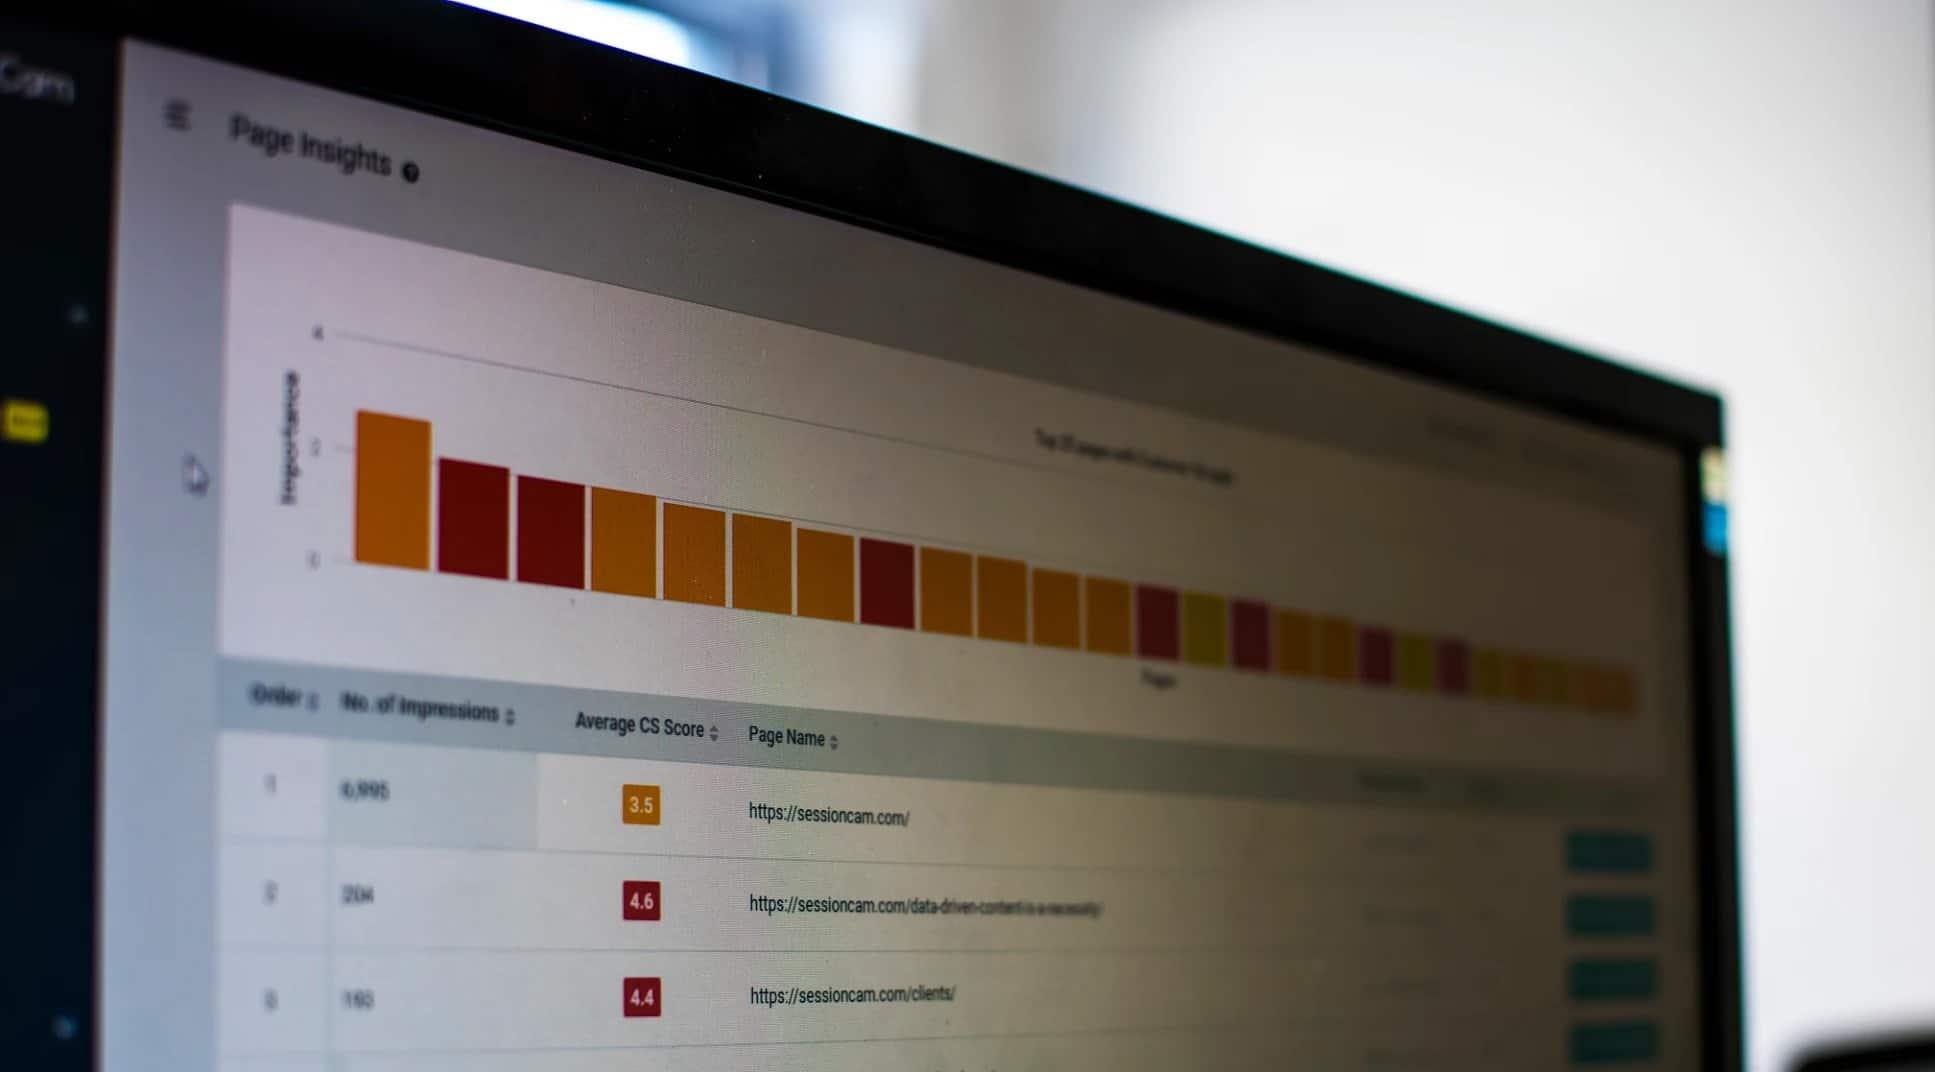 SessionCam's CS Score Now Explores Customer Behavior In More Depth